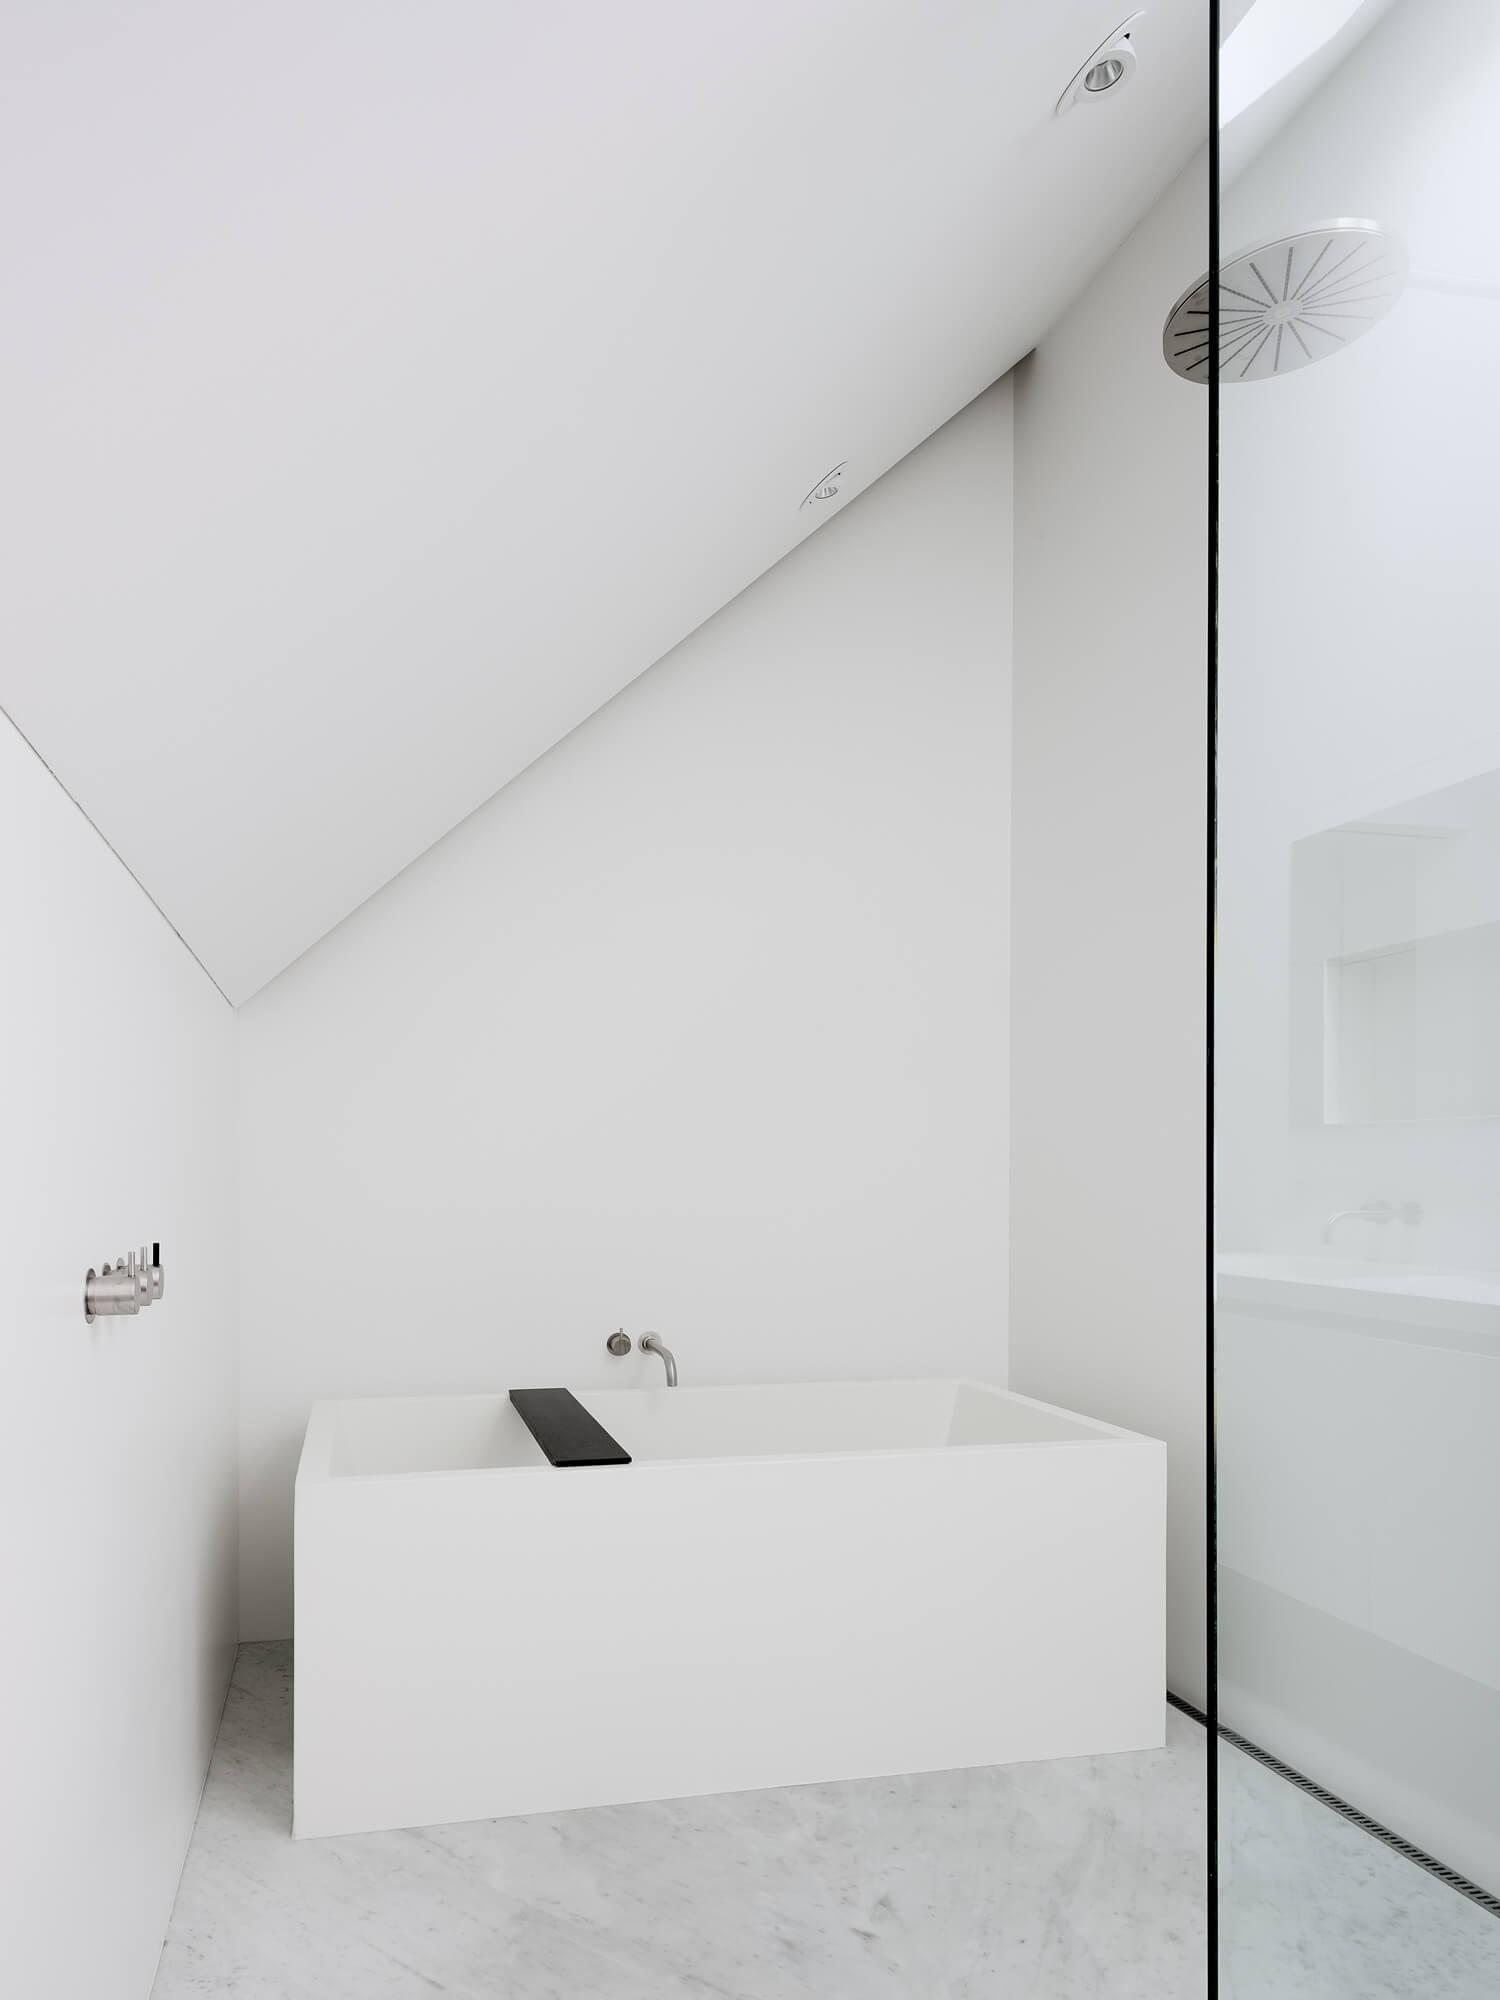 est living gable house edmonds lee architects 17